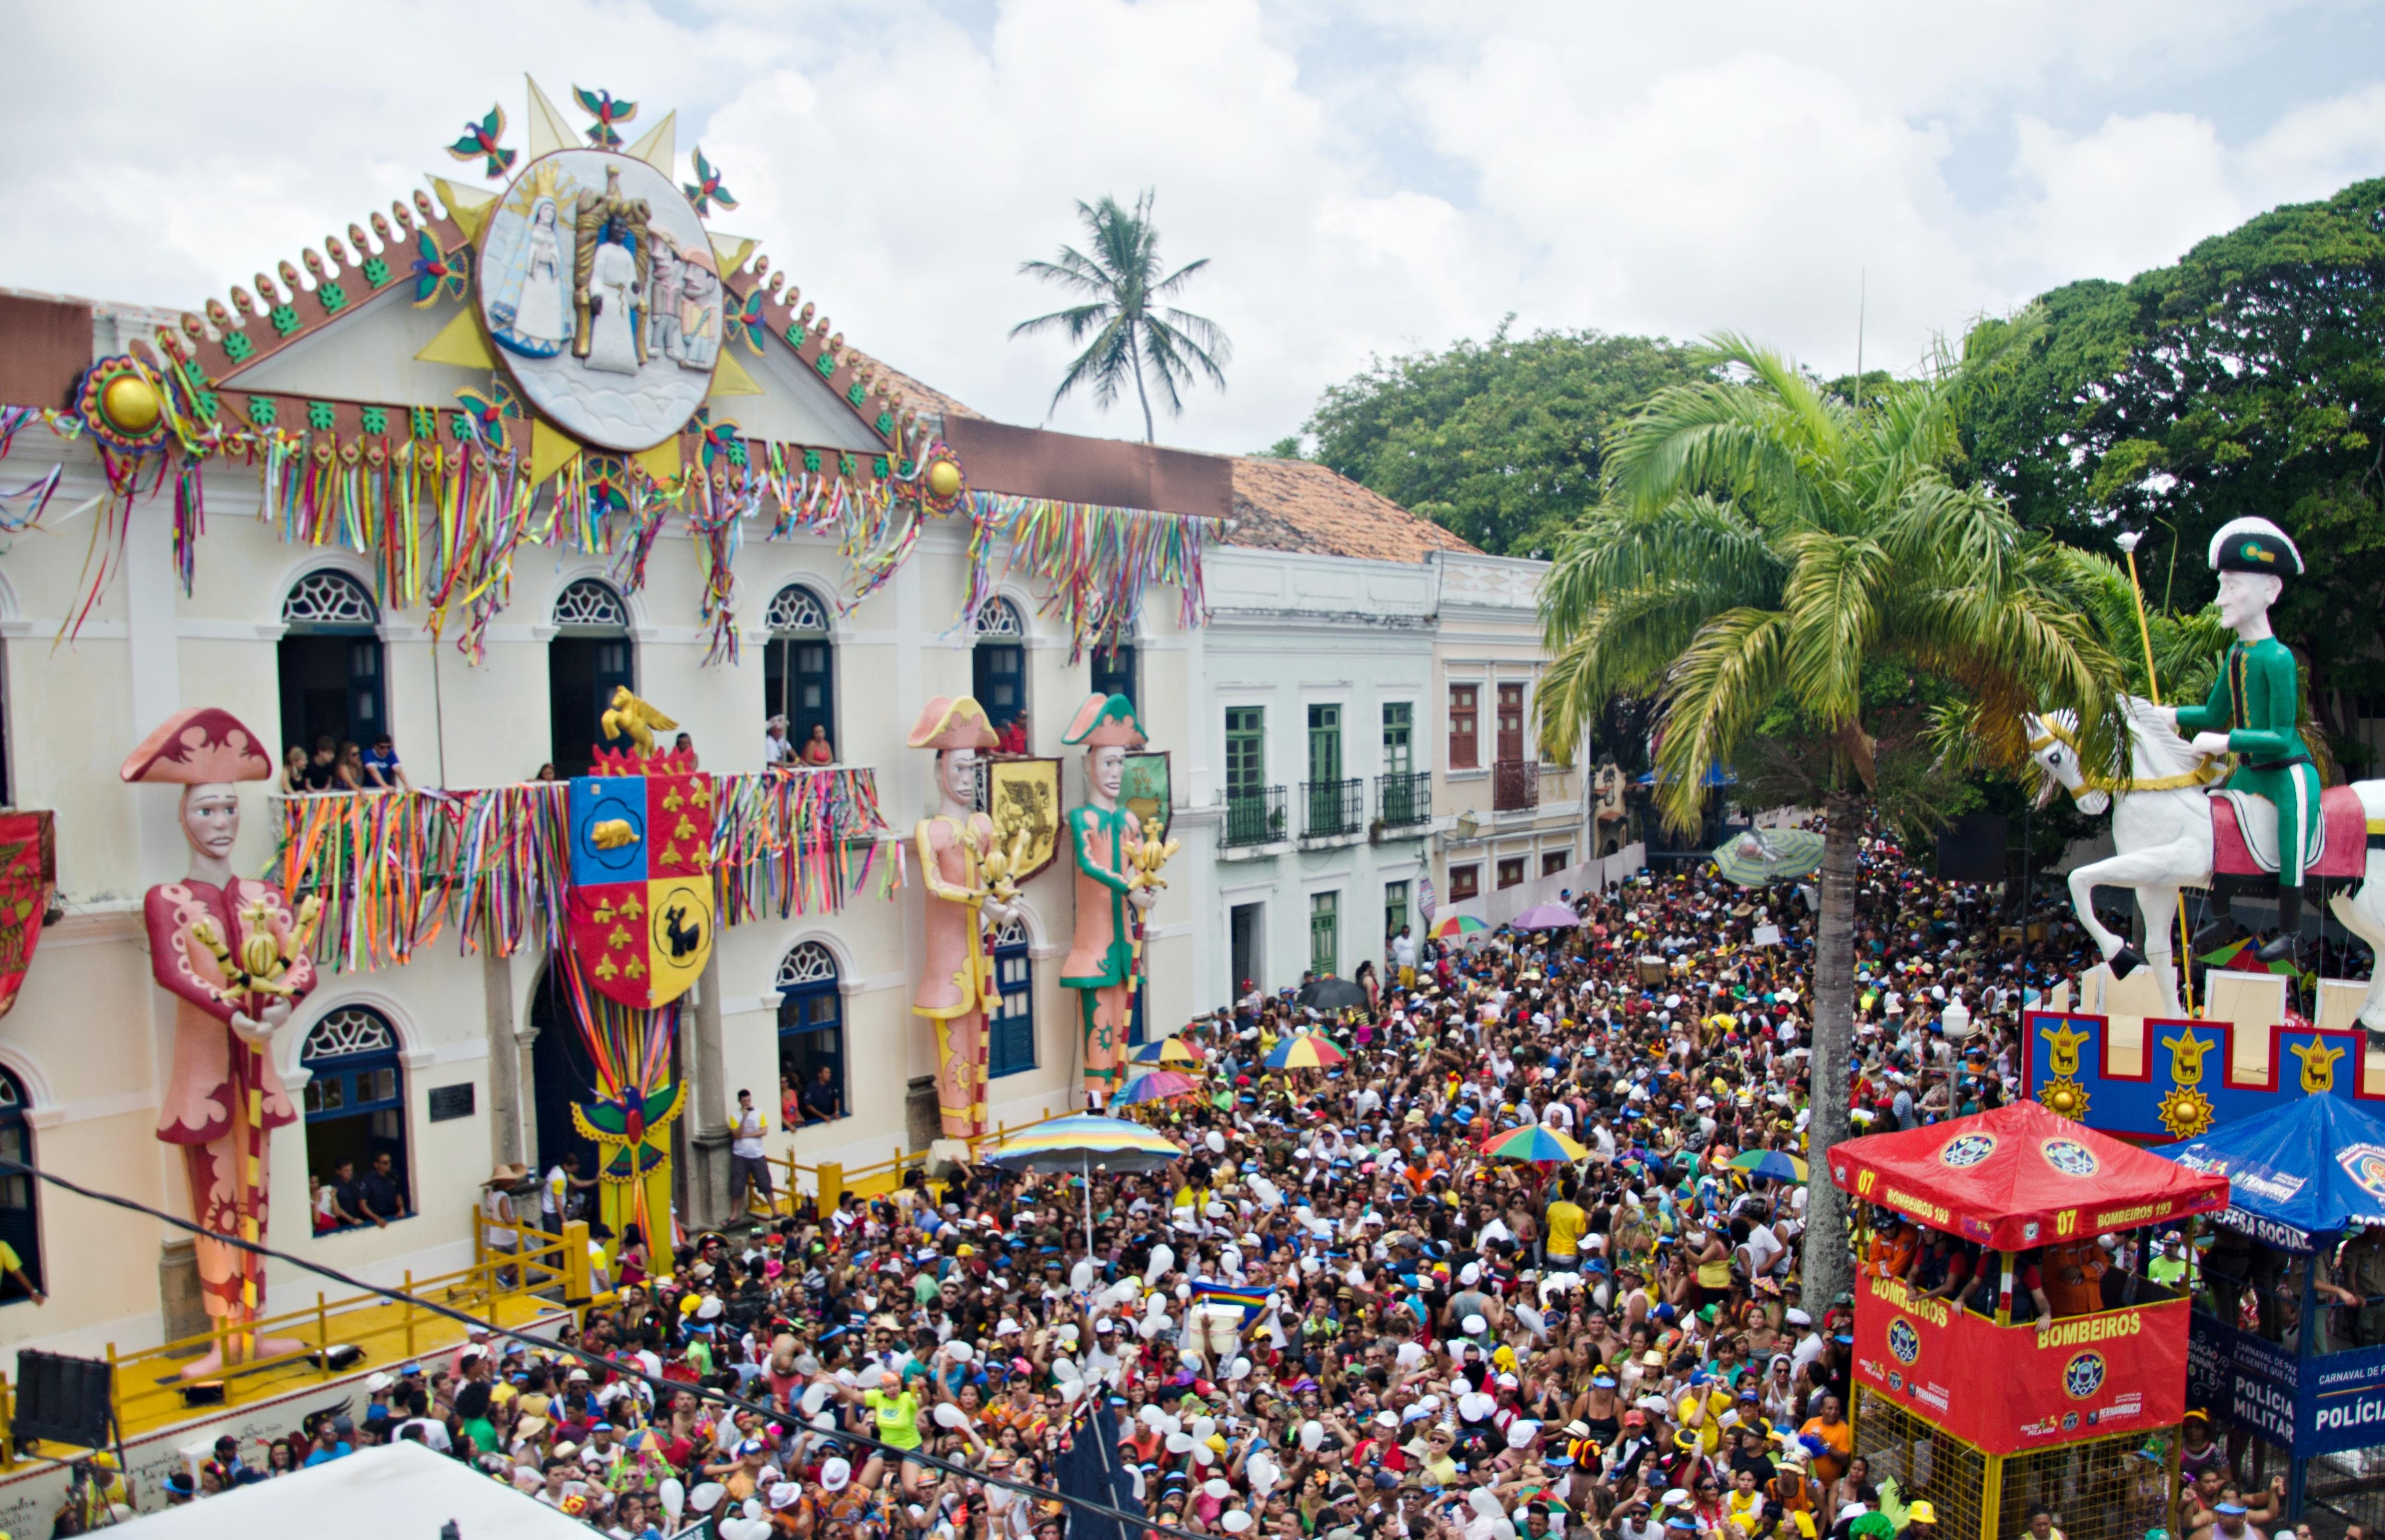 c50f4f7ef7 Decoração carnavalesca da Prefeitura de Olinda.